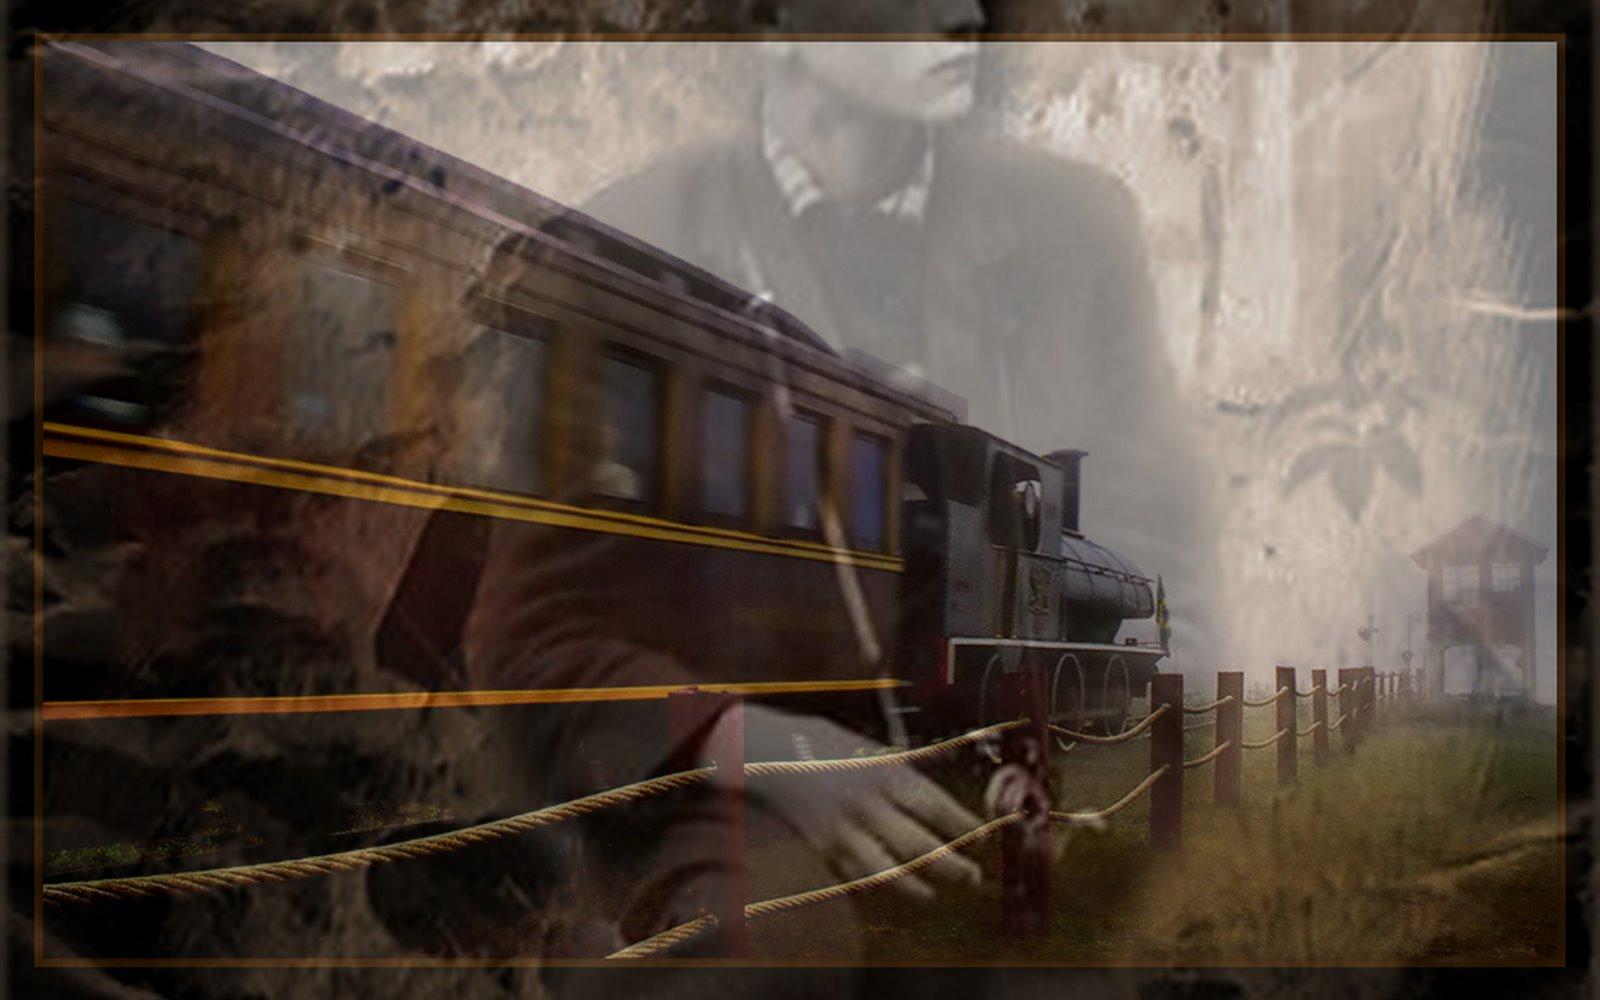 http://3.bp.blogspot.com/_RKIlUUX_Tqg/TFmFIfd2UPI/AAAAAAAAD6U/XFuidfvbQmc/s1600/Yury+Tyapina+%27s+memories+by+Nadezda+Koldysheva_ficheiros.jpg